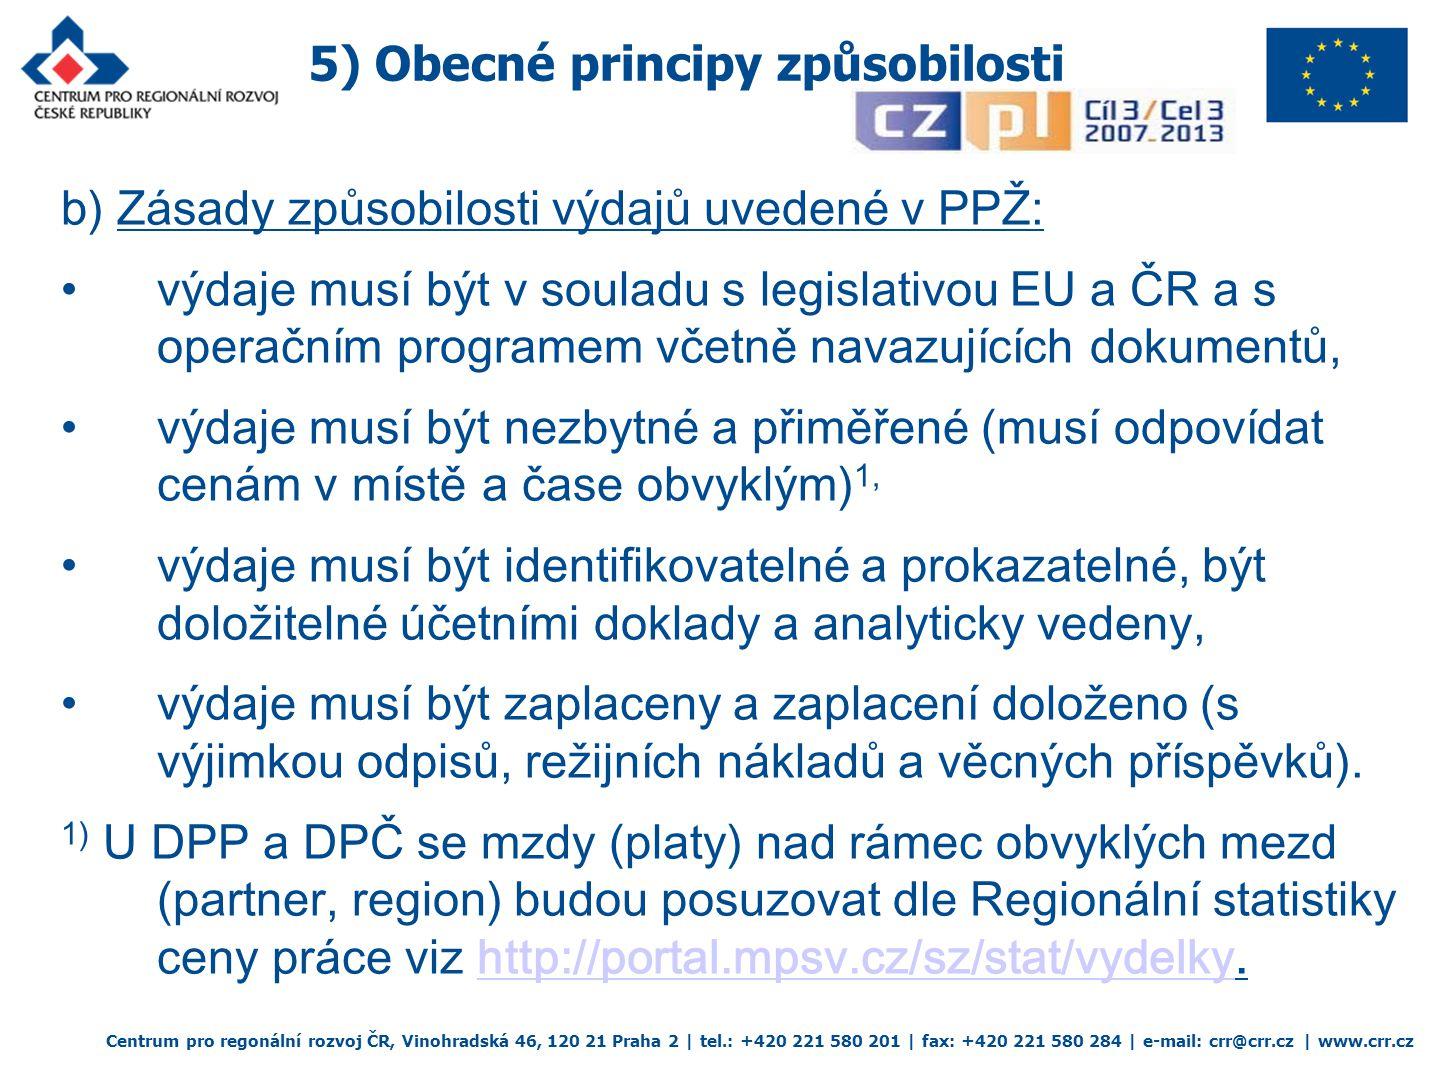 5) Obecné principy způsobilosti Centrum pro regonální rozvoj ČR, Vinohradská 46, 120 21 Praha 2 | tel.: +420 221 580 201 | fax: +420 221 580 284 | e-mail: crr@crr.cz | www.crr.cz b) Zásady způsobilosti výdajů uvedené v PPŽ: výdaje musí být v souladu s legislativou EU a ČR a s operačním programem včetně navazujících dokumentů, výdaje musí být nezbytné a přiměřené (musí odpovídat cenám v místě a čase obvyklým) 1, výdaje musí být identifikovatelné a prokazatelné, být doložitelné účetními doklady a analyticky vedeny, výdaje musí být zaplaceny a zaplacení doloženo (s výjimkou odpisů, režijních nákladů a věcných příspěvků).